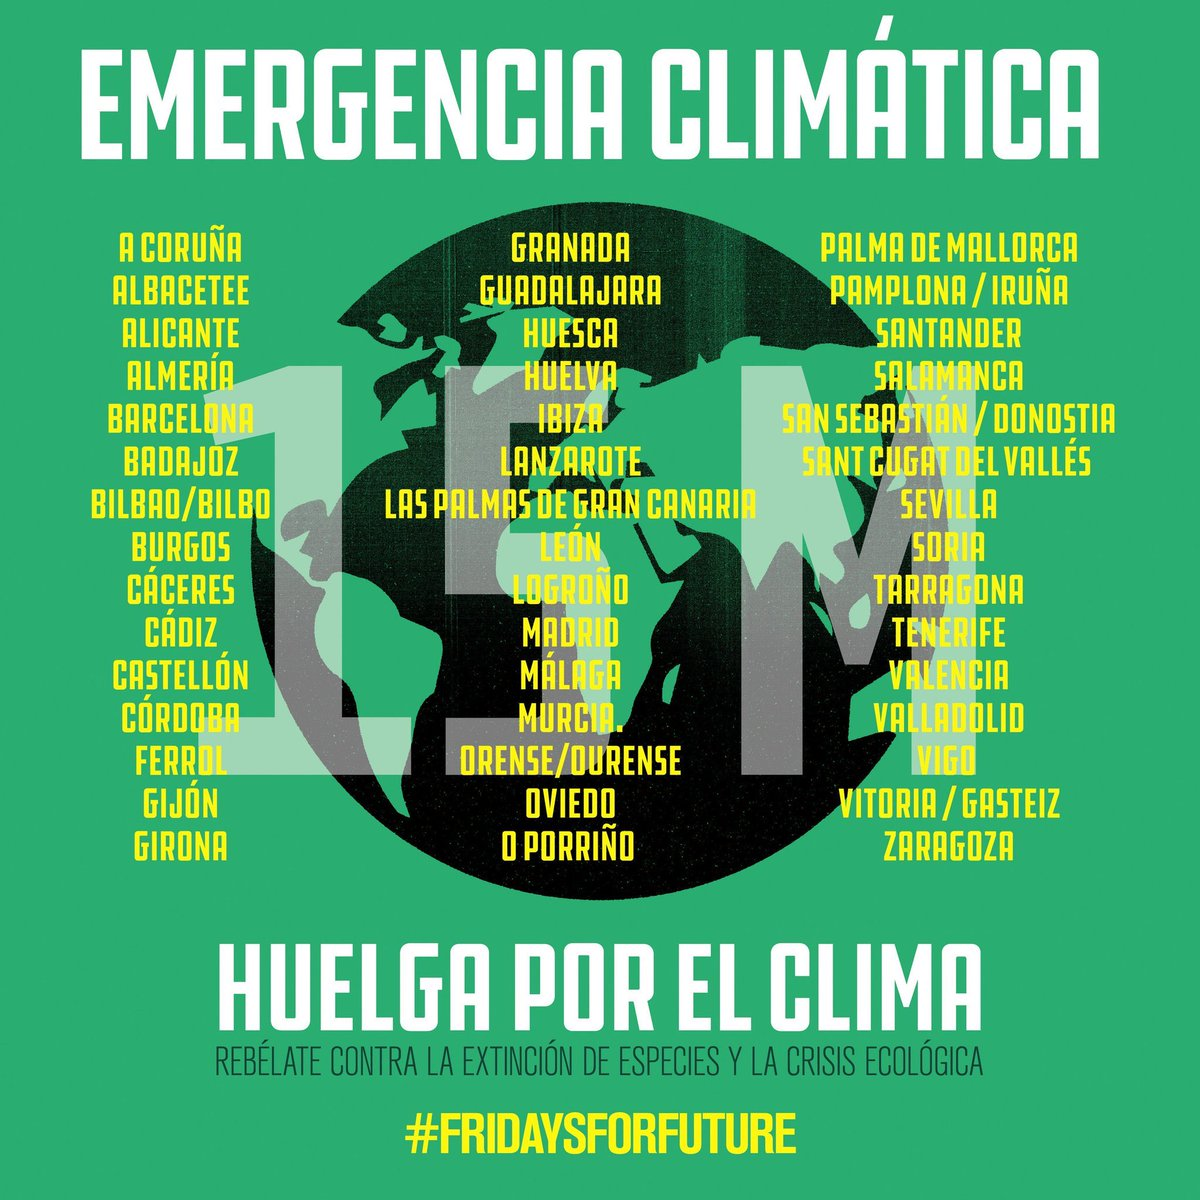 STES Intersindical's photo on #HuelgaPorElClima